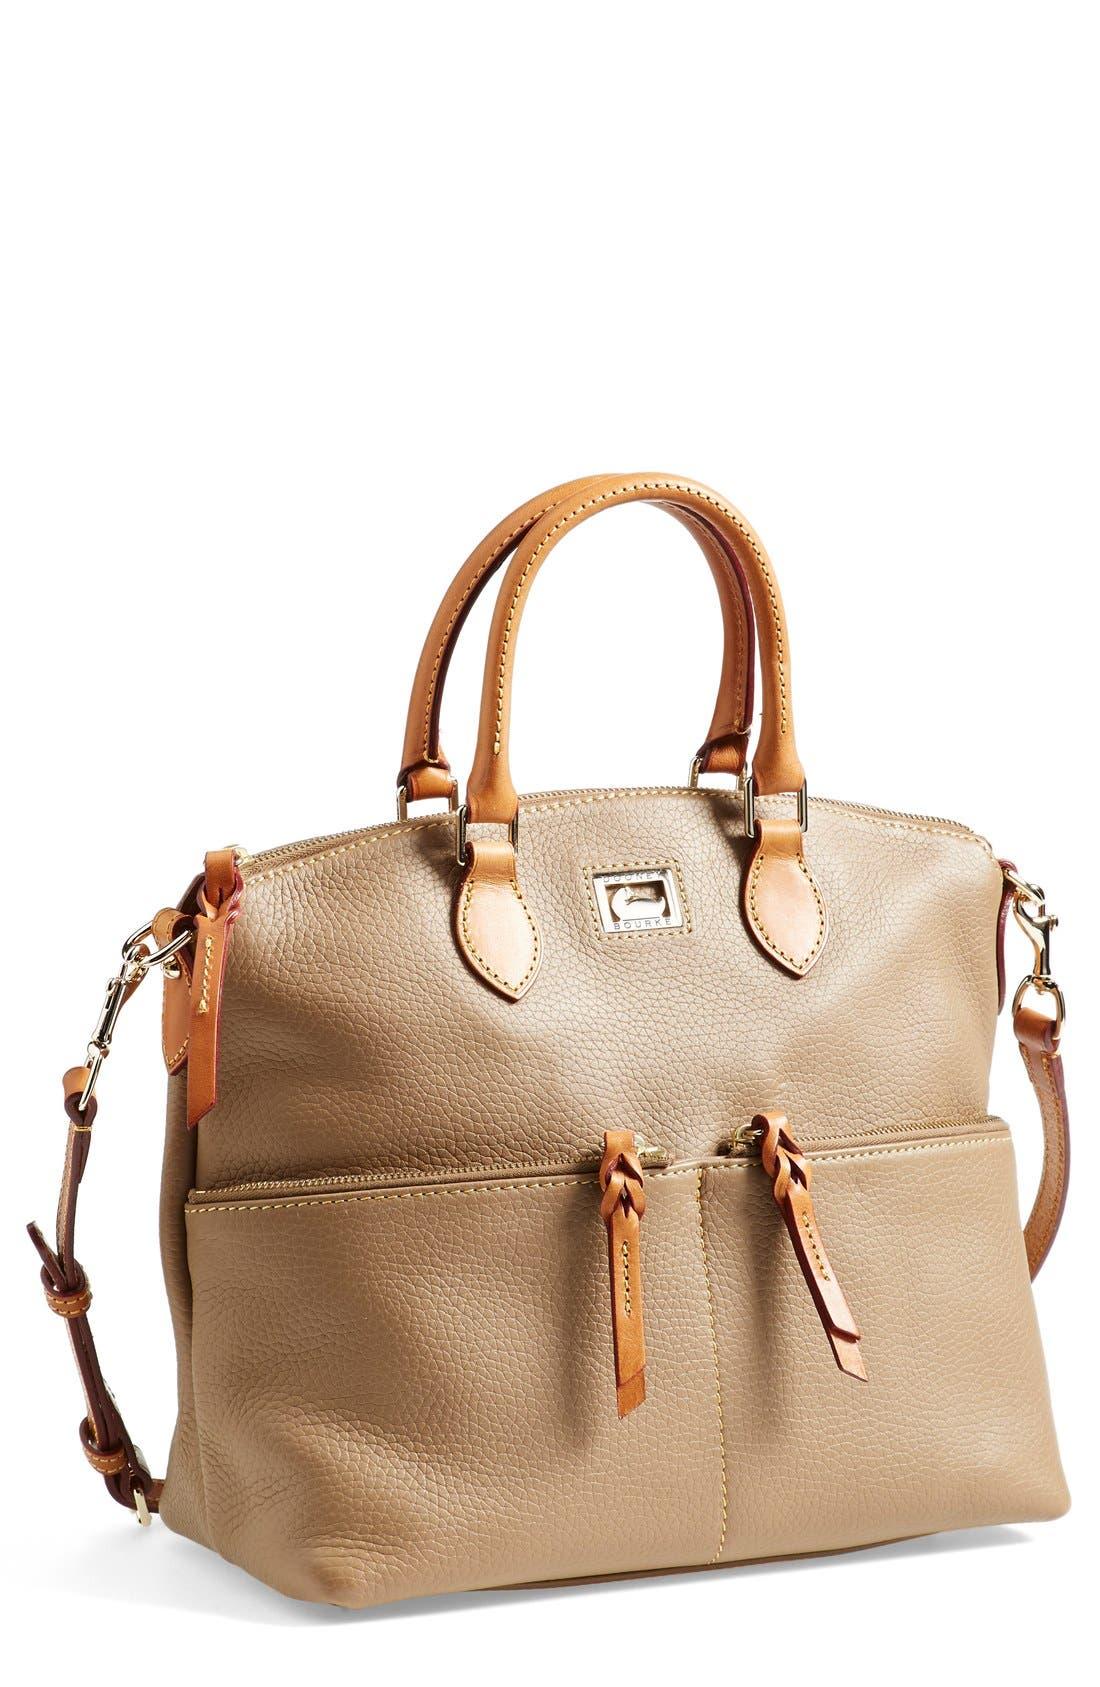 Main Image - Dooney & Bourke 'Dillen' Zip Pocket Satchel (Online Only)